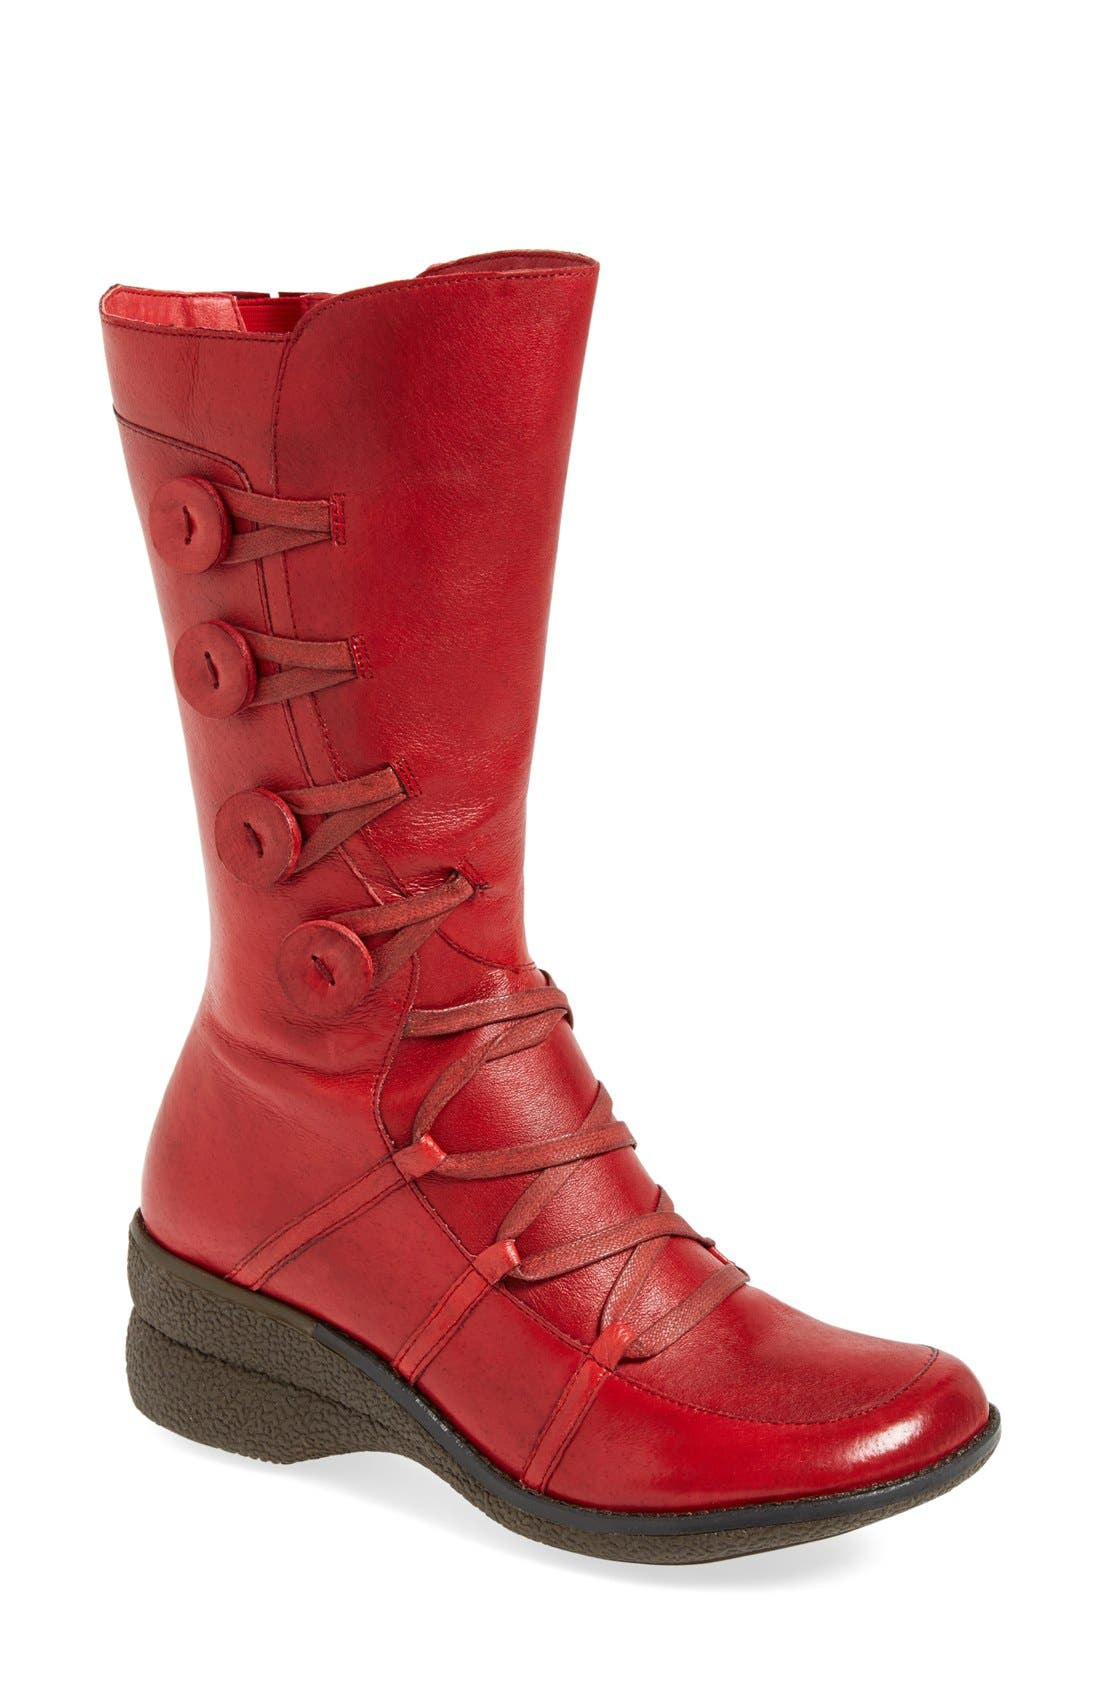 Main Image - MizMooz 'Olsen' Boot (Women)